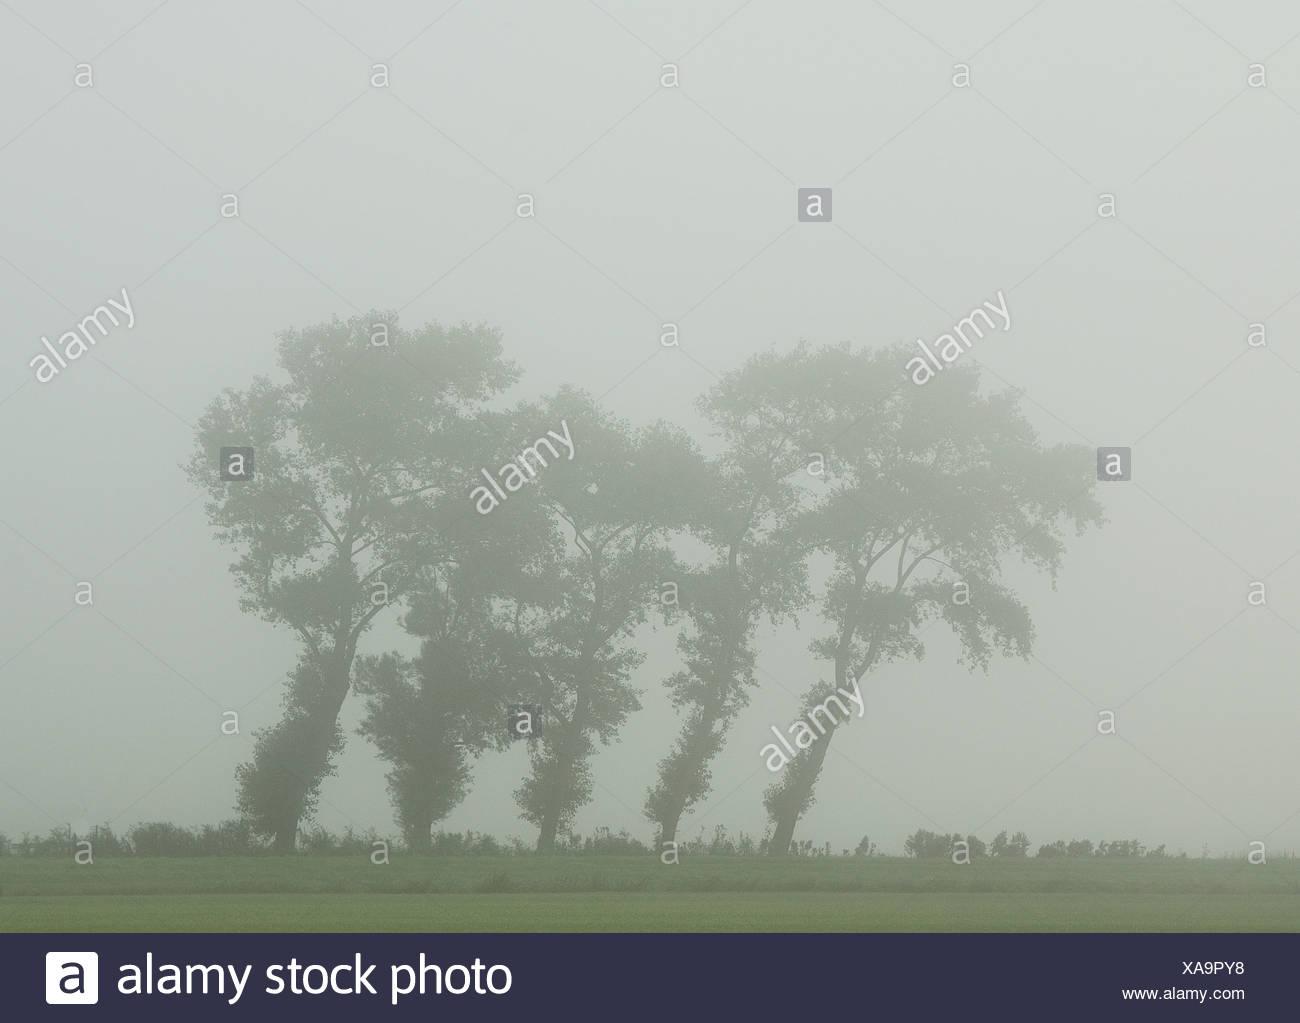 Bomen In De Mist Scheef Gewaaid Door De Wind Trees In The Mist Fog Crooked By The Wind Stock Photo Alamy